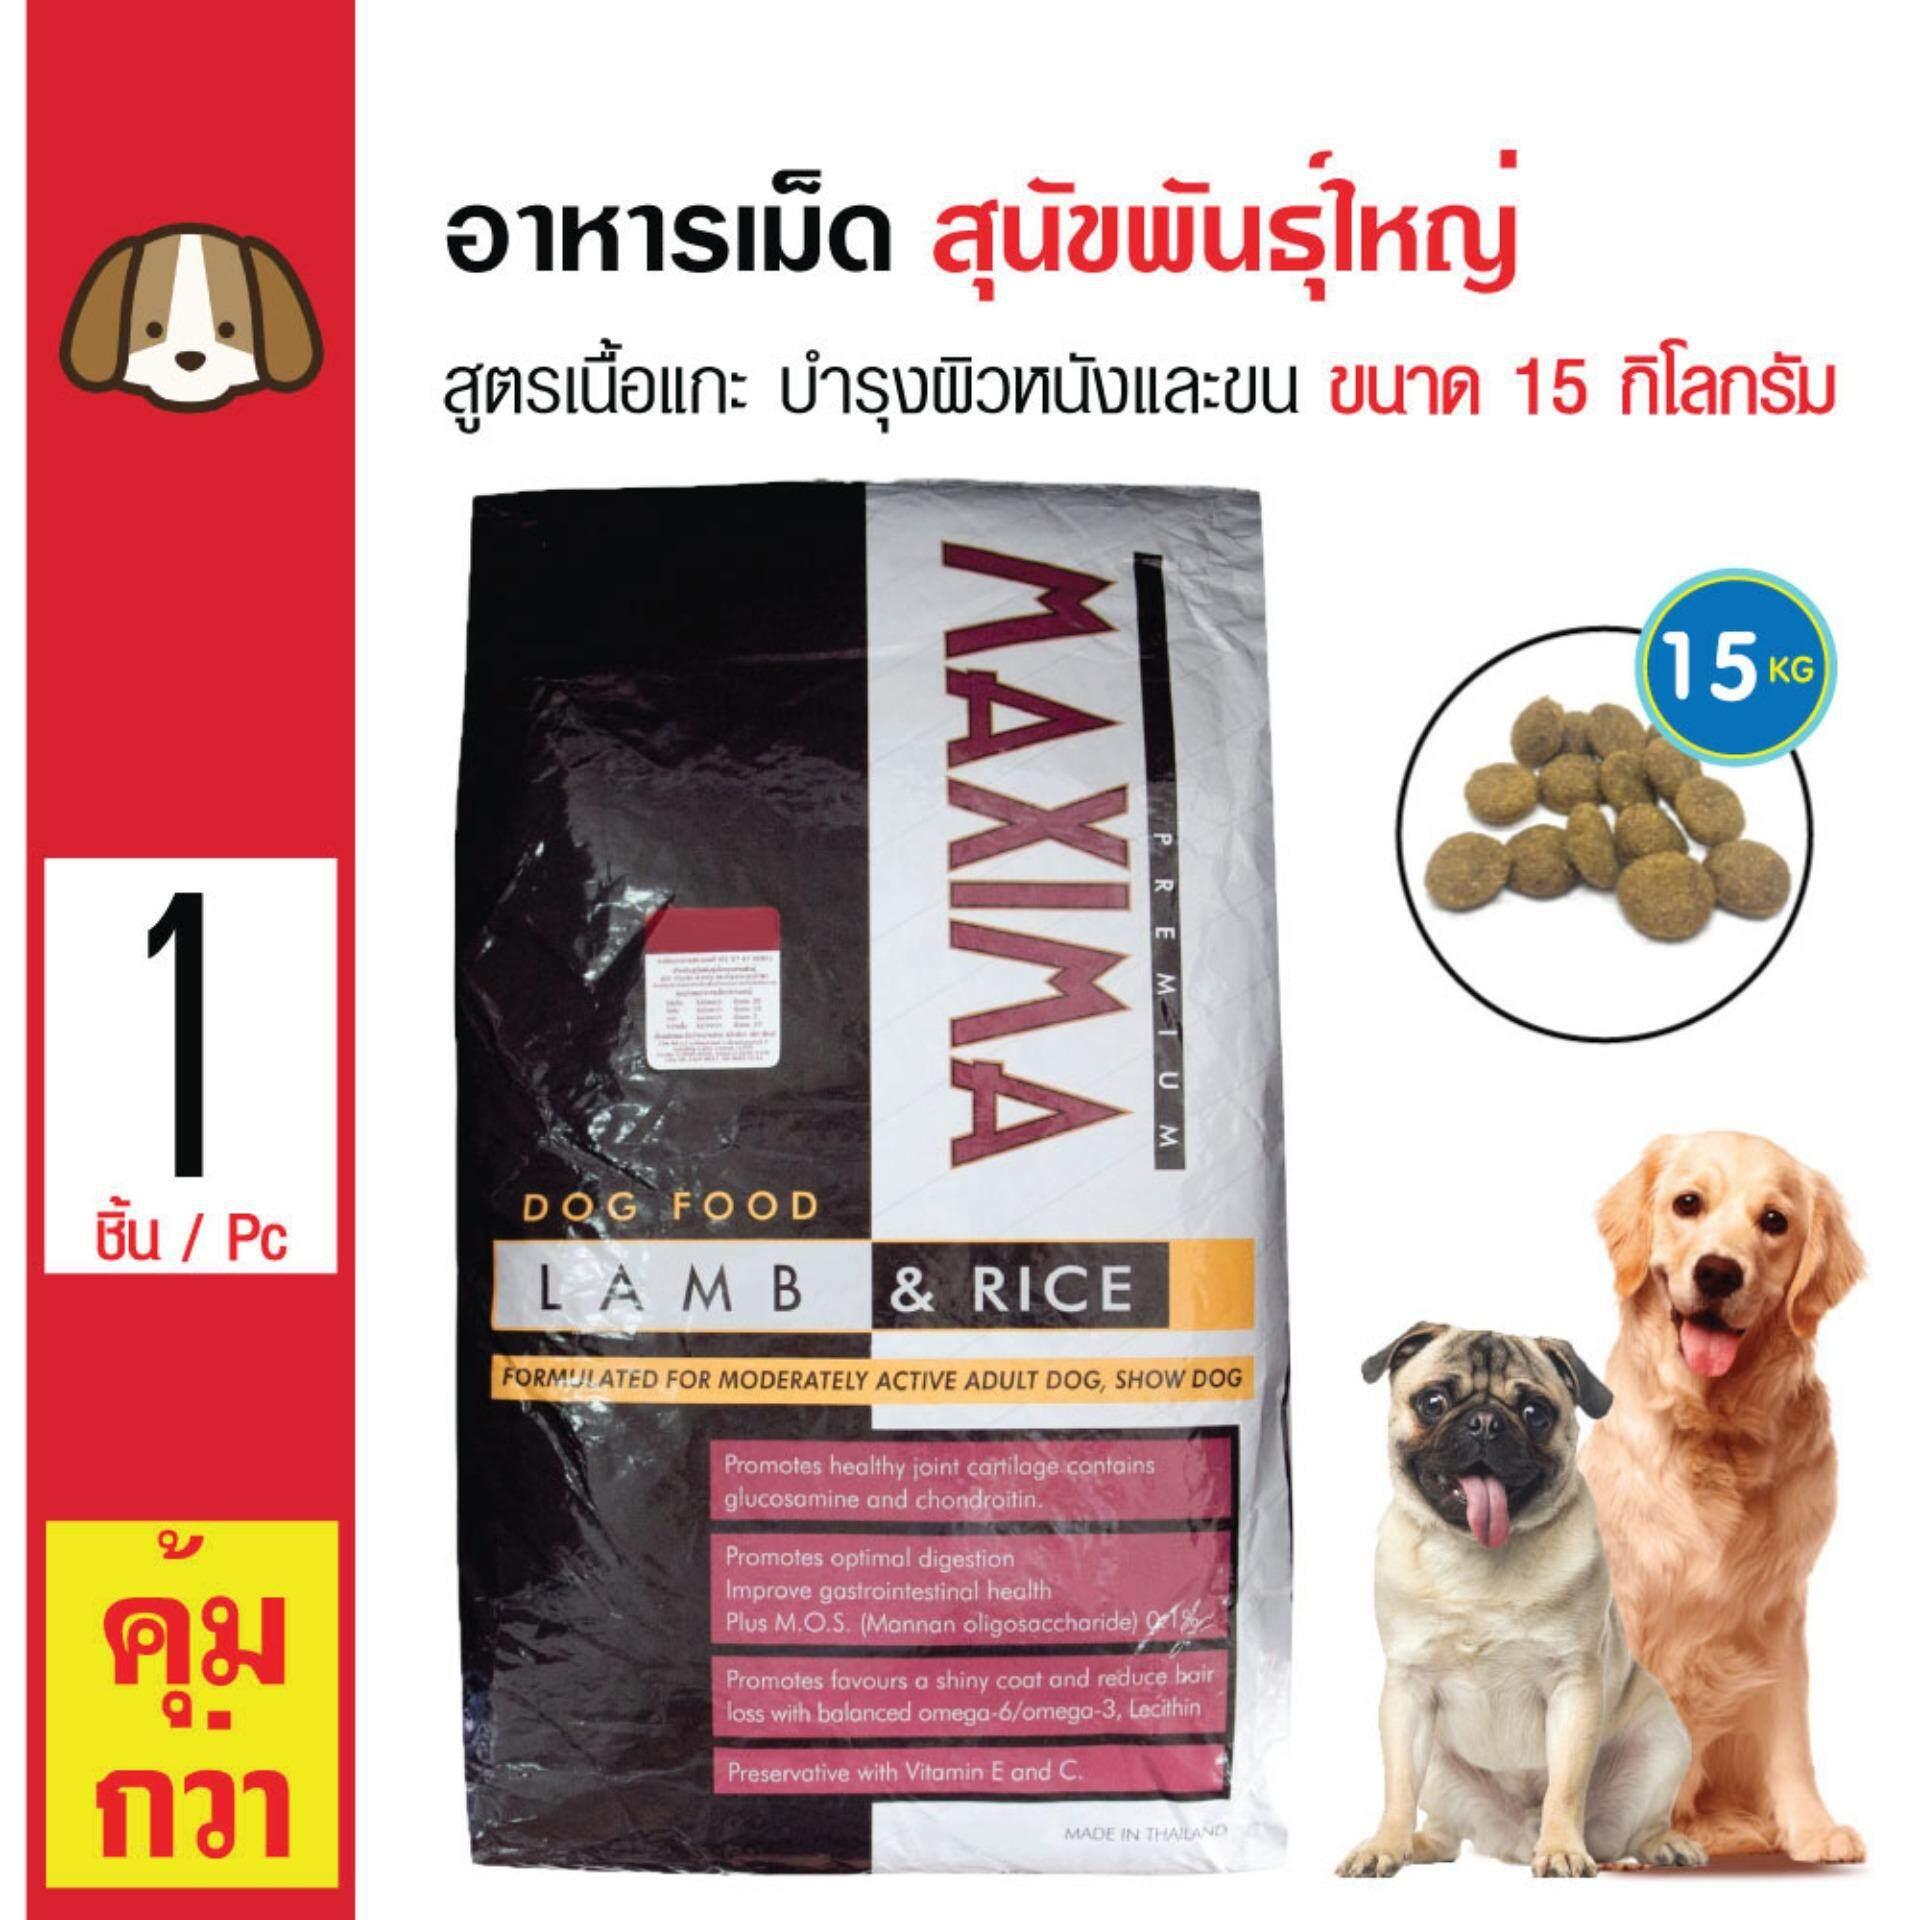 Maxima Large Dog 15 Kg. อาหารเม็ด อาหารสุนัข สูตรเนื้อแกะ บำรุงผิวหนังและขน (เม็ดใหญ่) สำหรับสุนัขพันธุ์ใหญ่ ขนาด 15 กิโลกรัม.